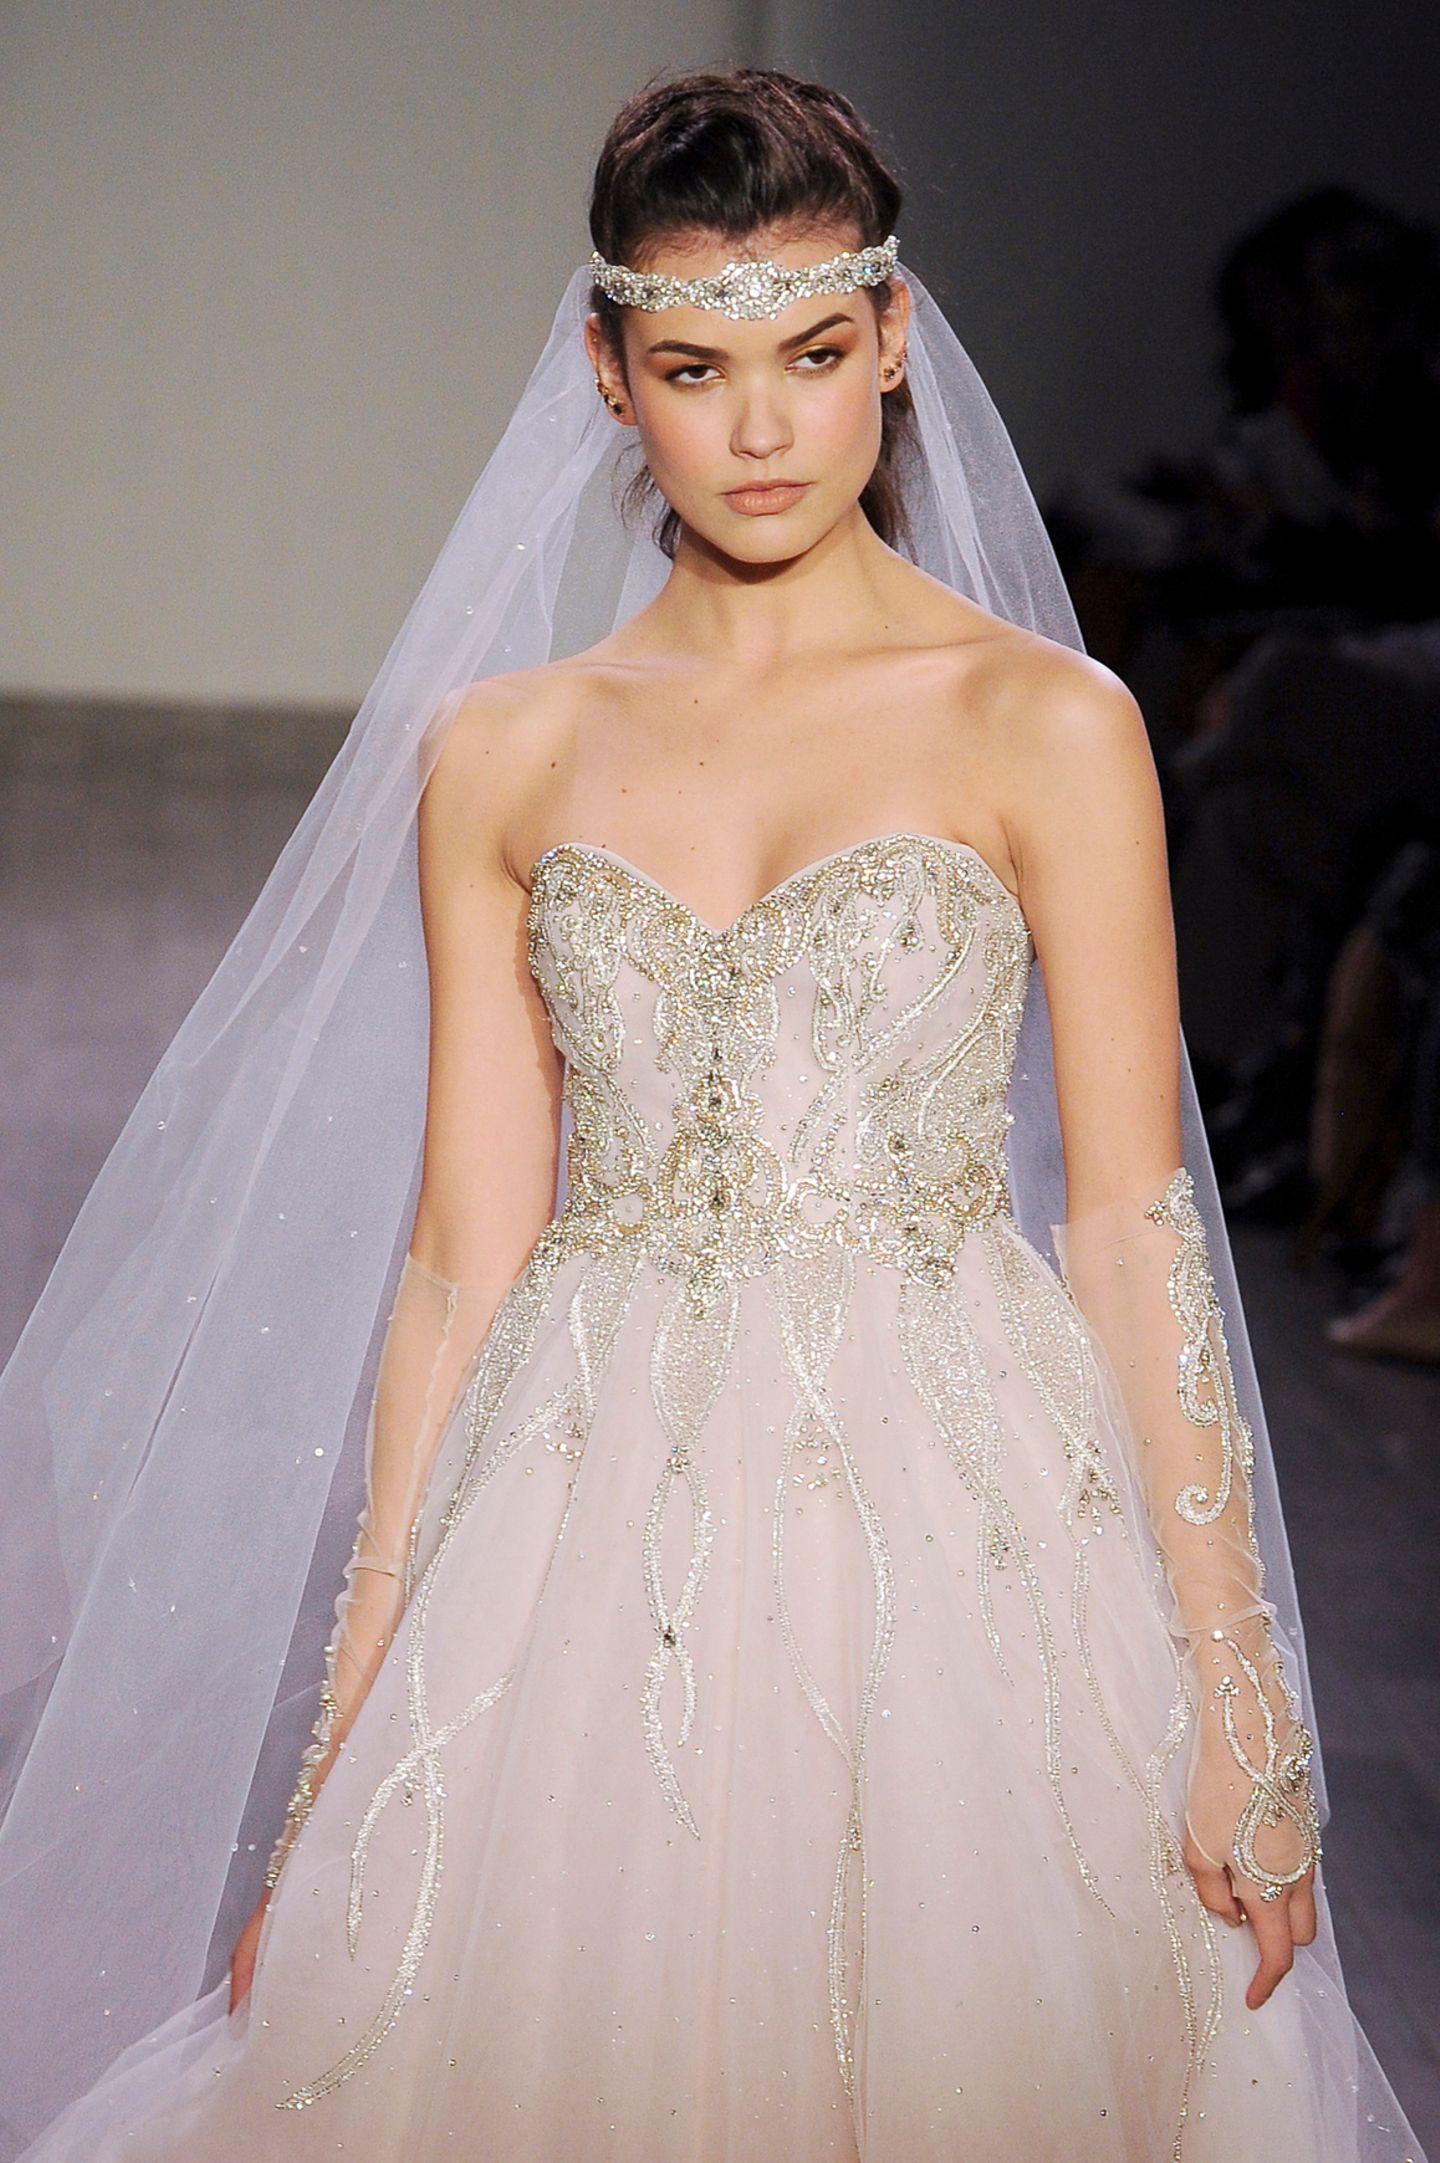 Brautfrisur mit Schleier: Frau mit Brautkleid, Schleier und Haarband